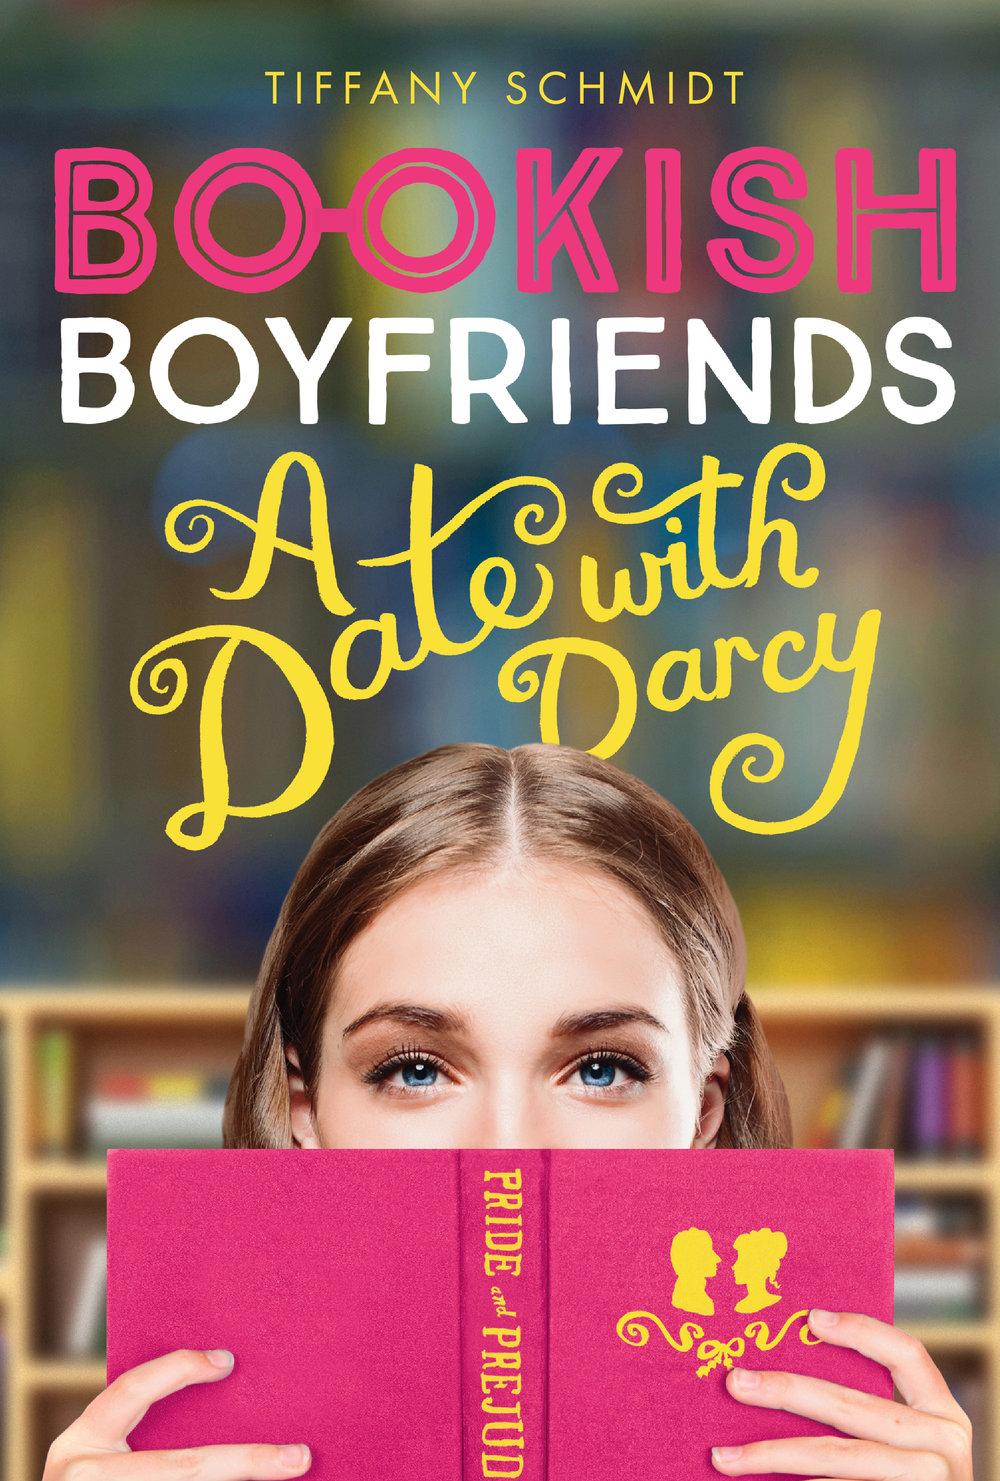 bookishboyfriends.jpg